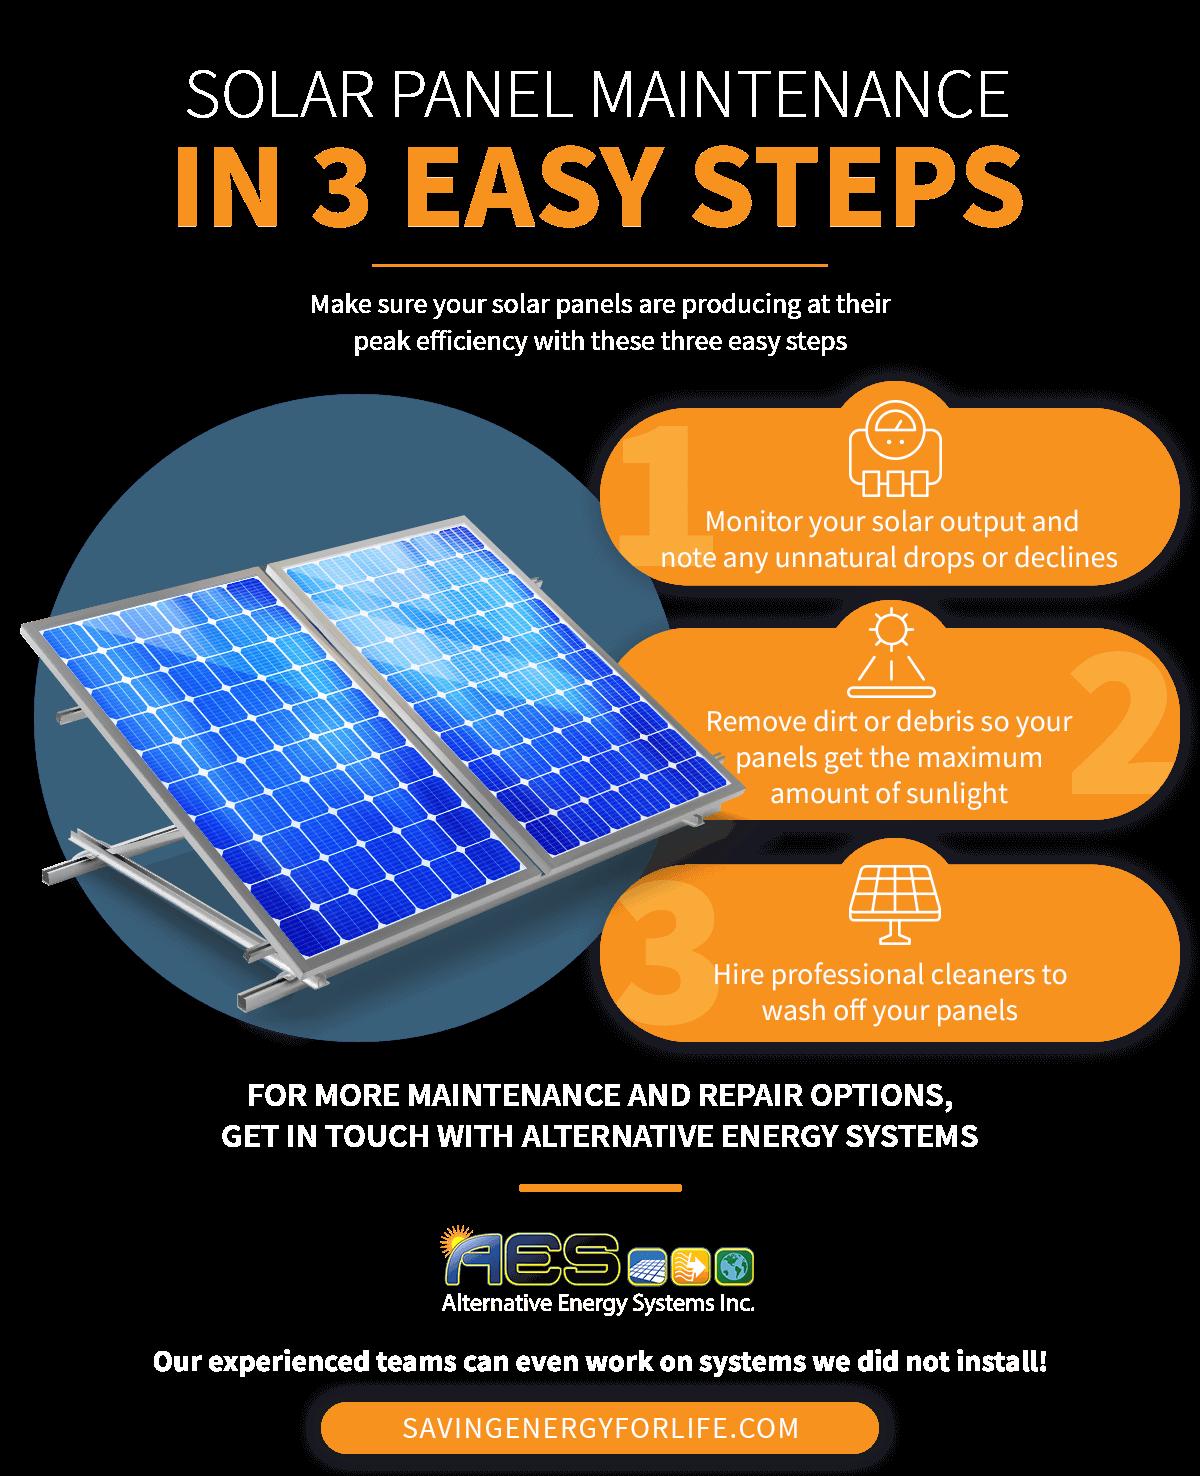 Solar Panel Maintenance In 3 Easy Steps